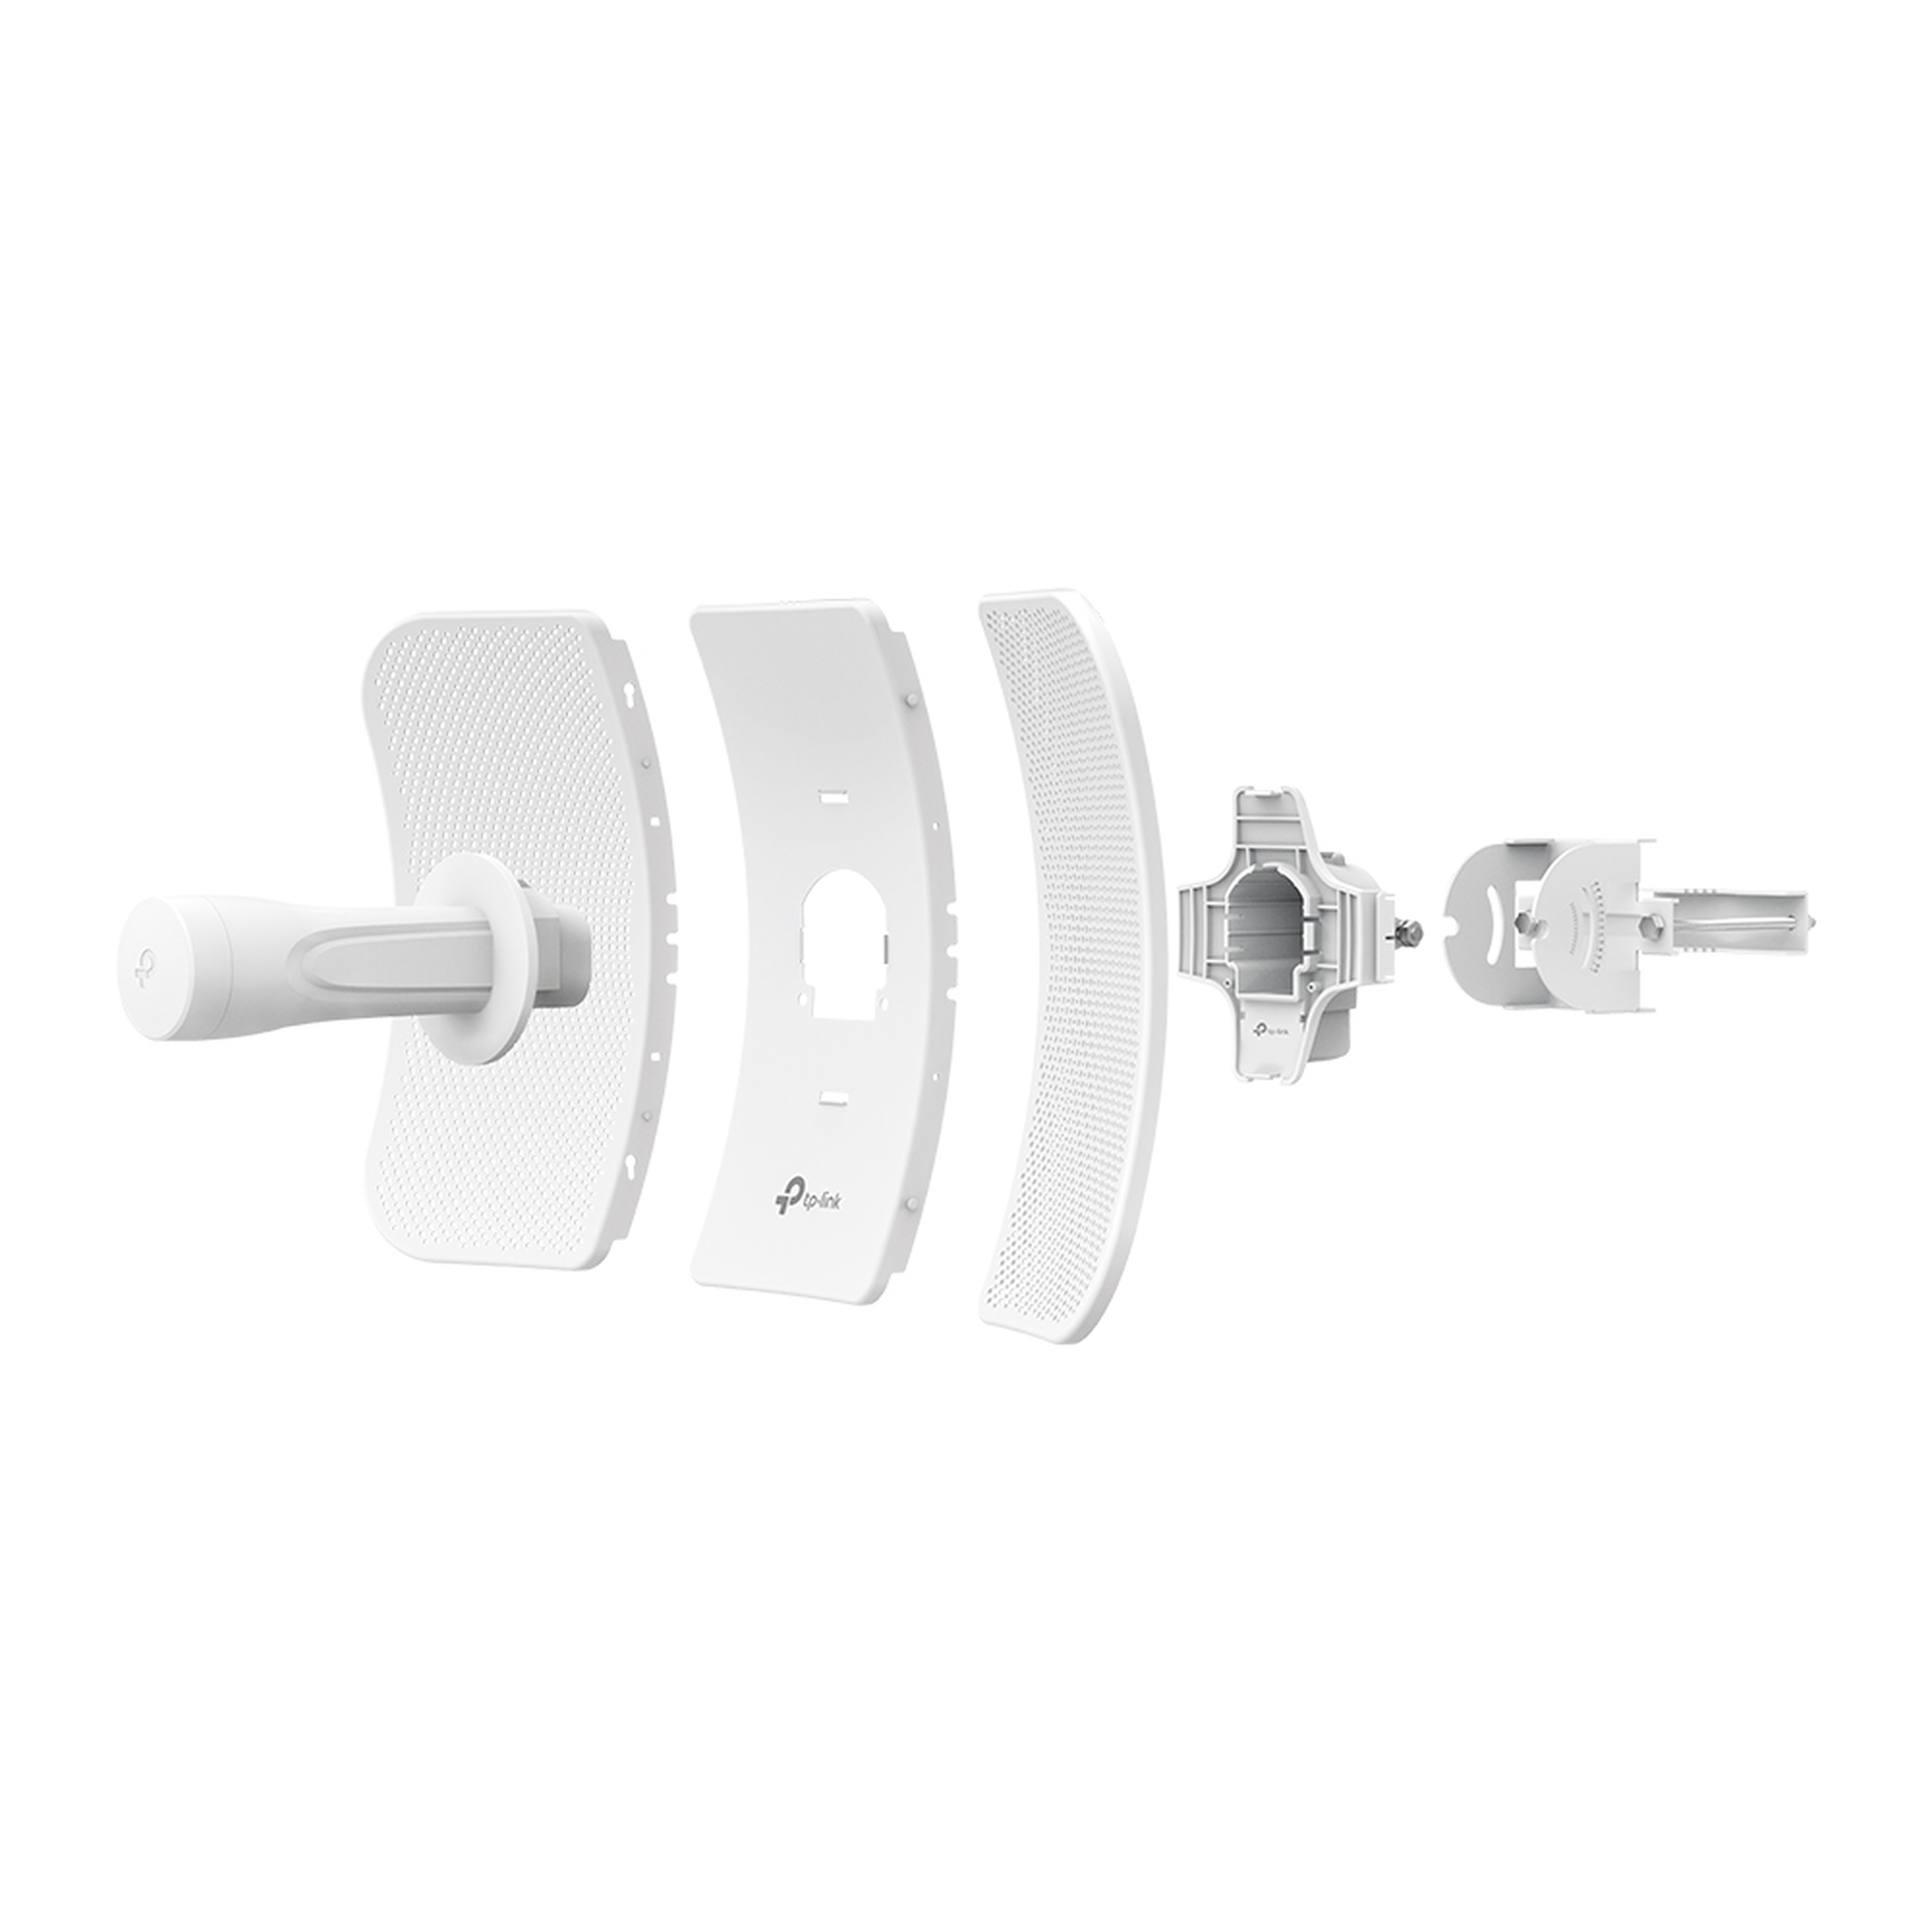 CPE de Exterior de 5 GHz a 150Mbps, Antena direccional de 23dBi, potencia de 23 dBm, PoE pasivo